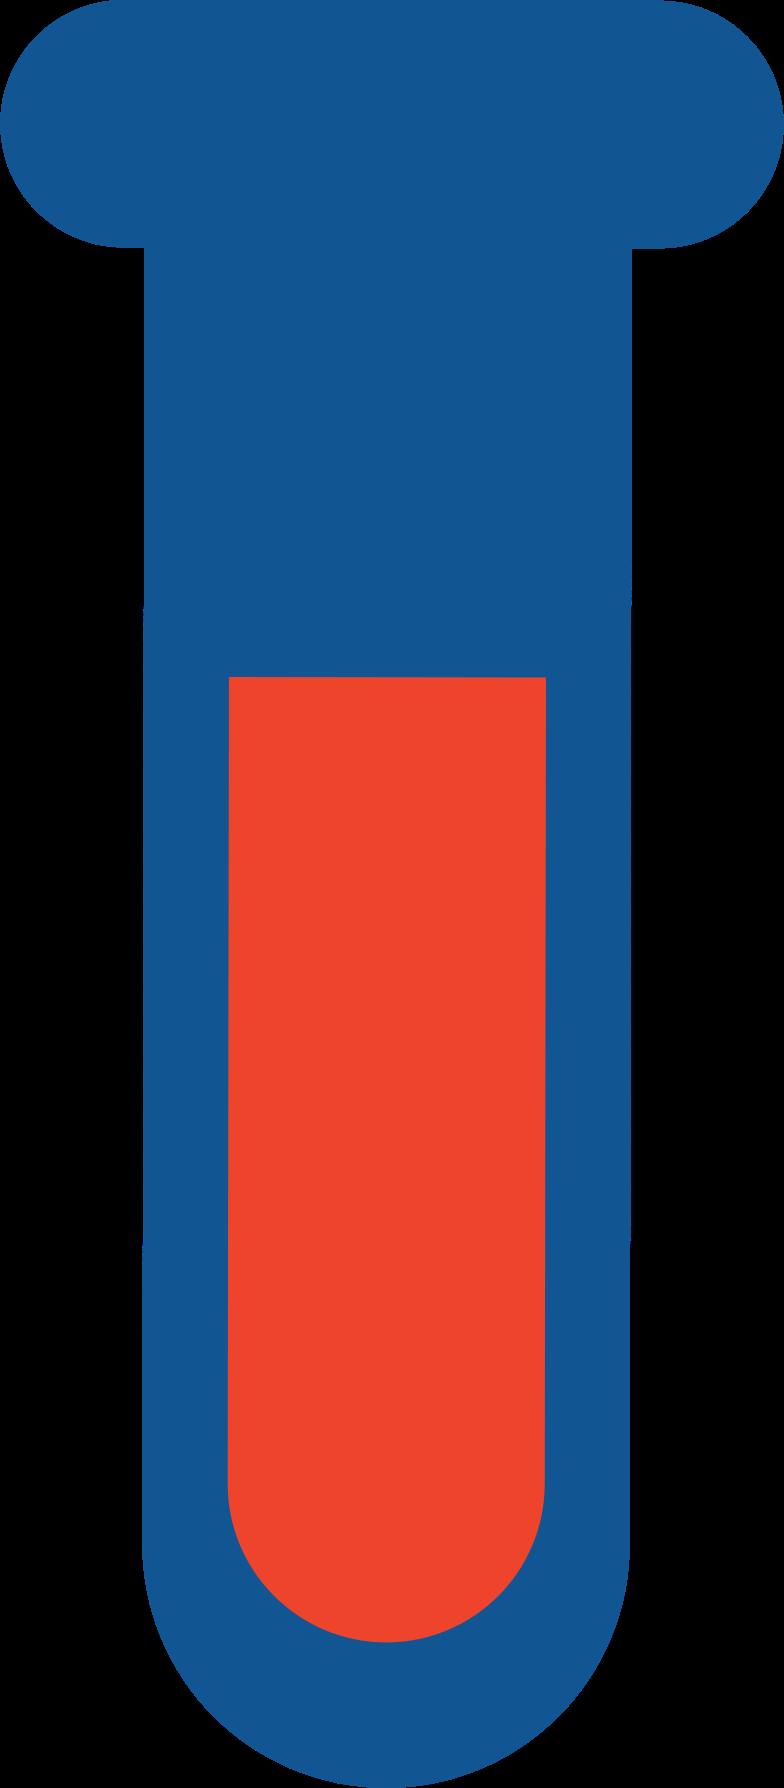 Tubo de ensaio de sangue Clipart illustration in PNG, SVG